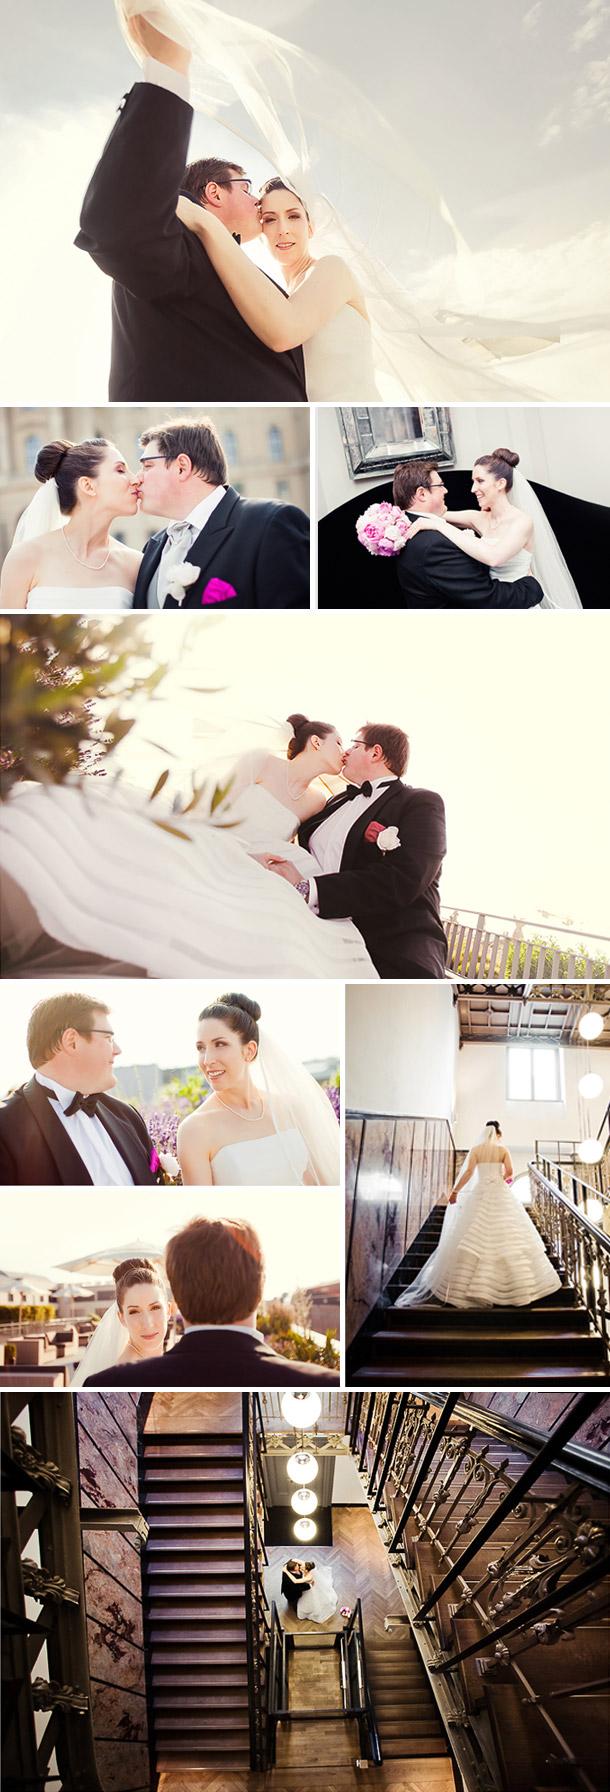 Stefanie und Michaels Hochzeit bei Esther Jonitz Photography